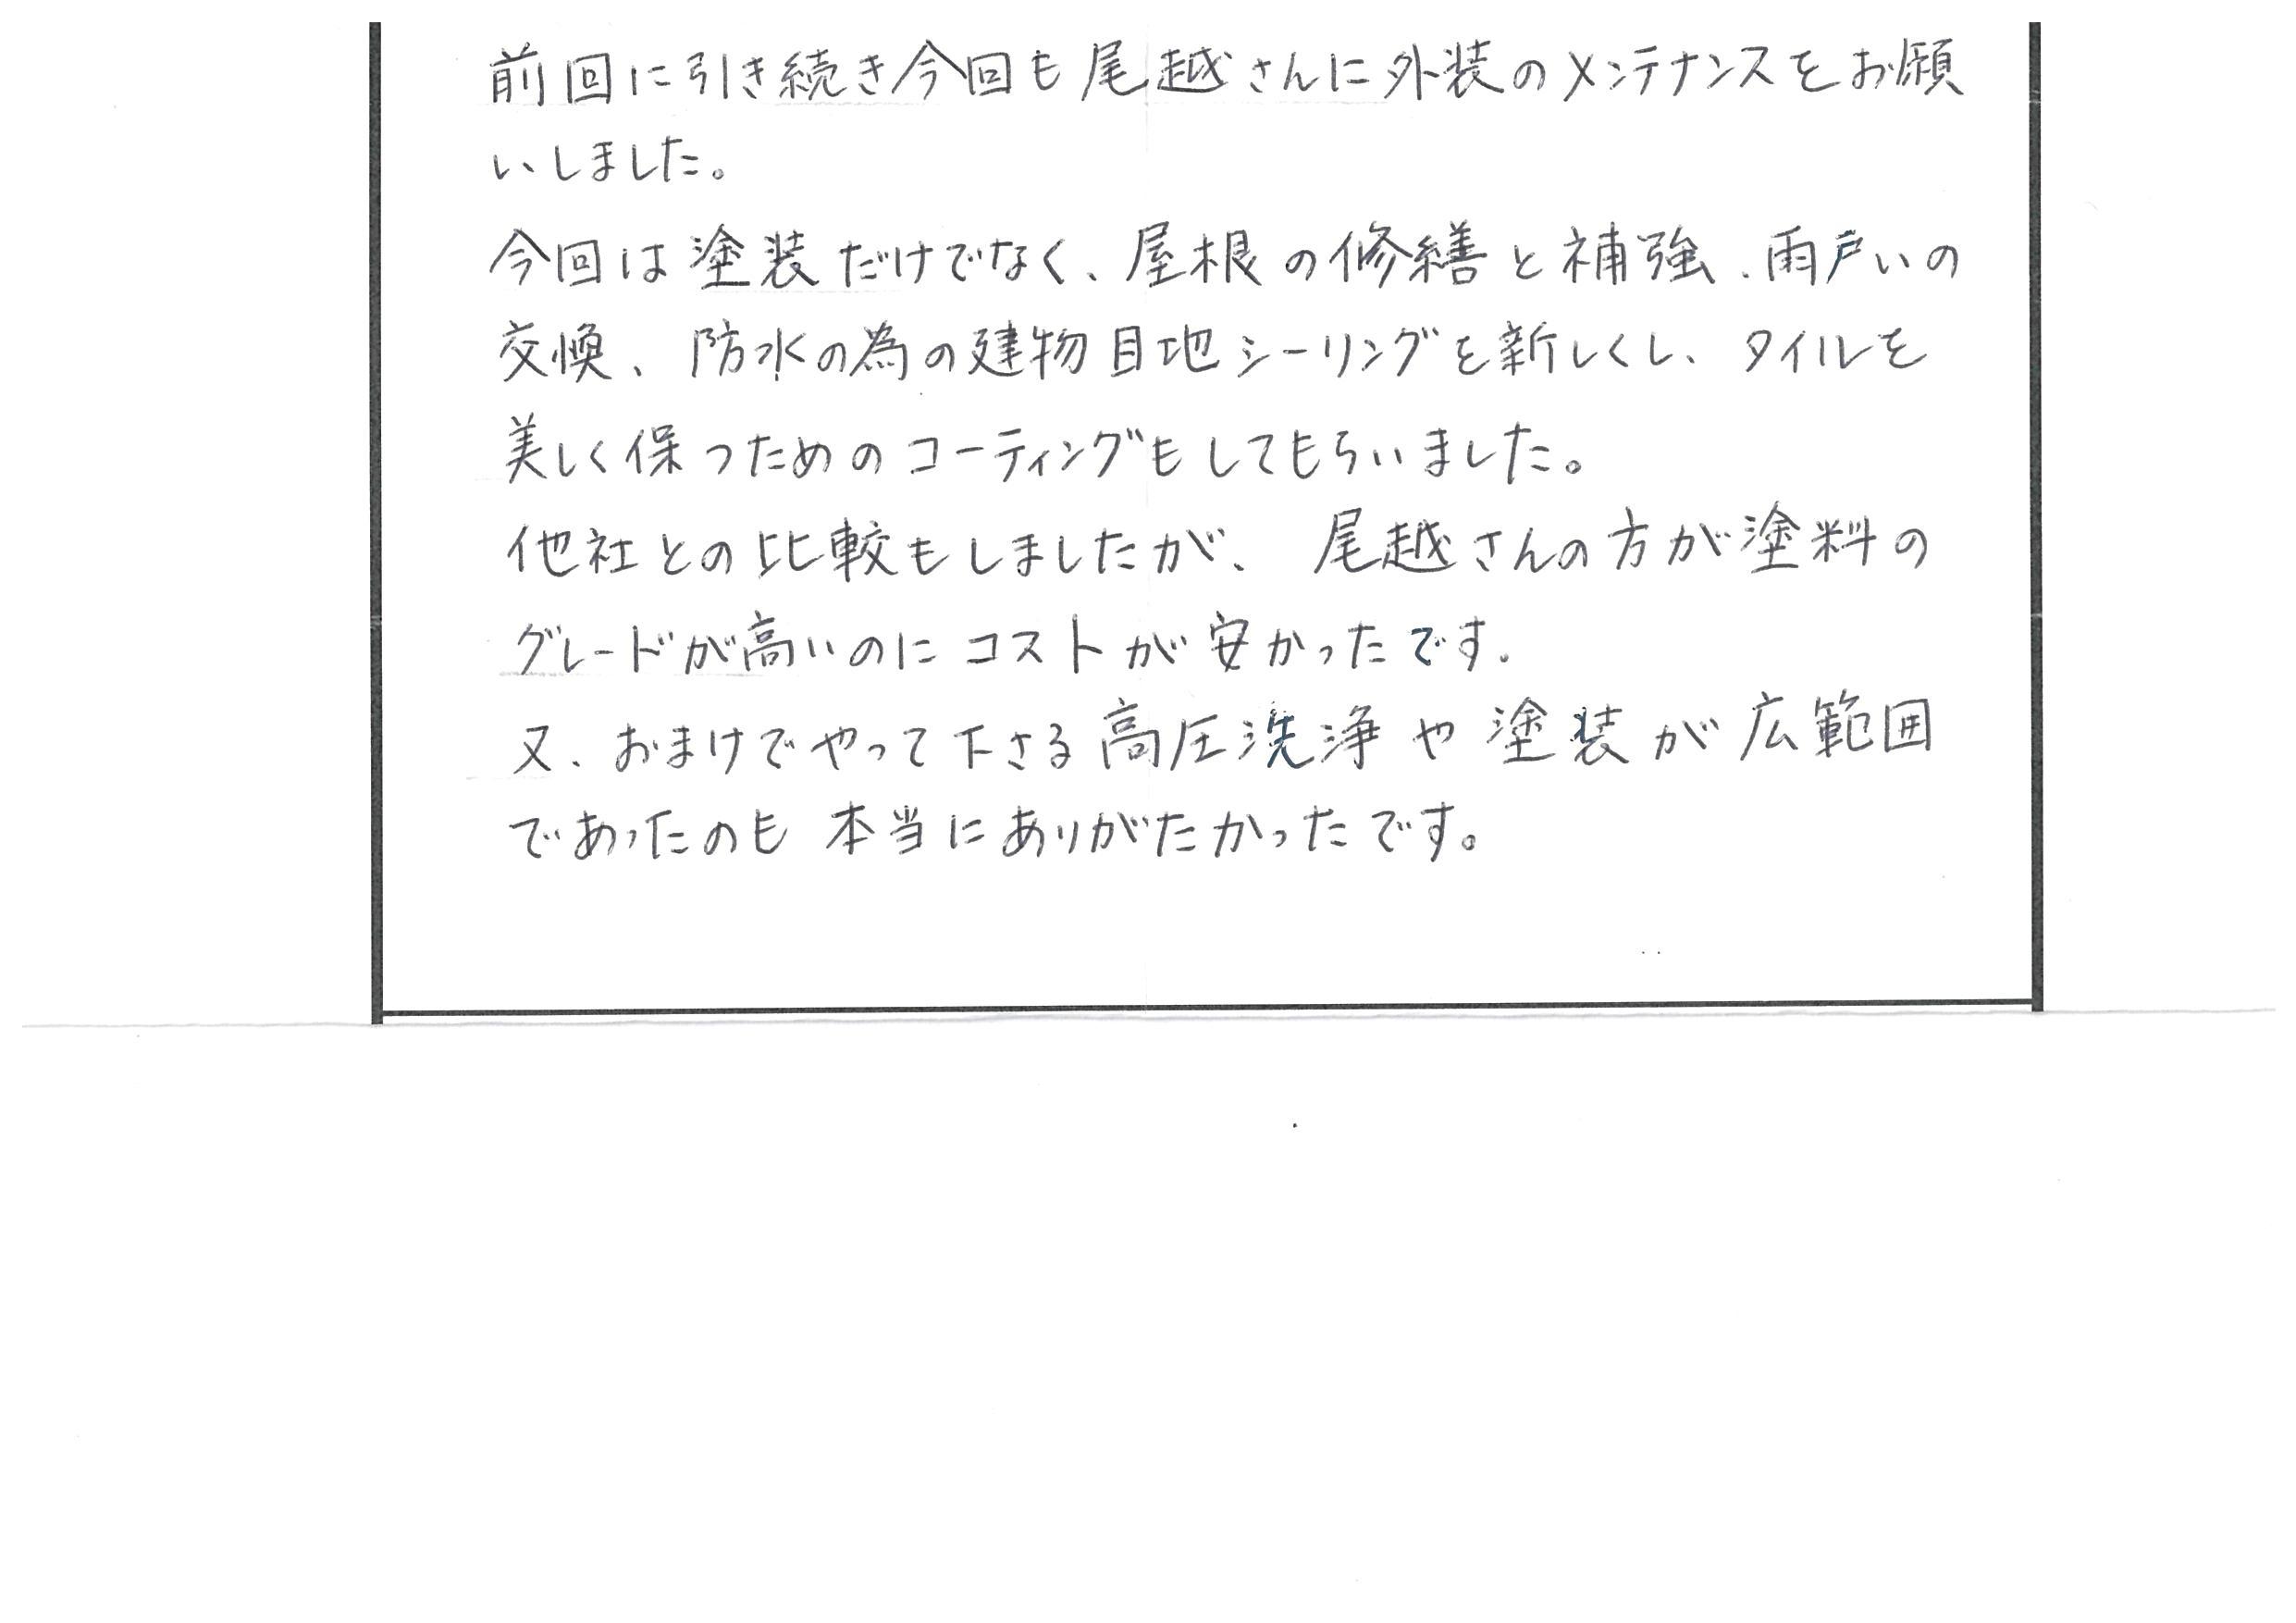 2年12月施工 浜松市中区葵東 藤井歯科クリニック様